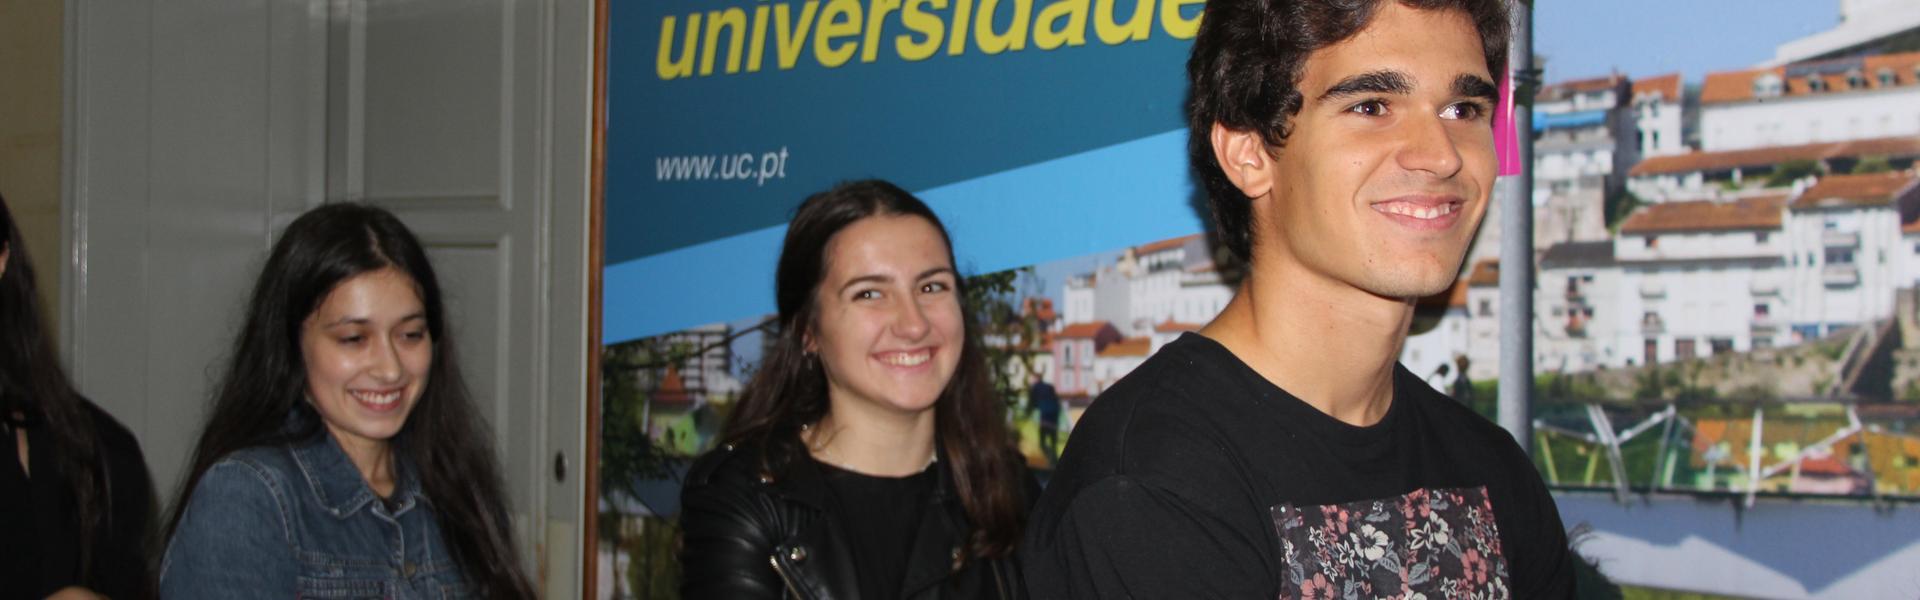 Informações e serviços académicos UC em www.uc.pt/academicos